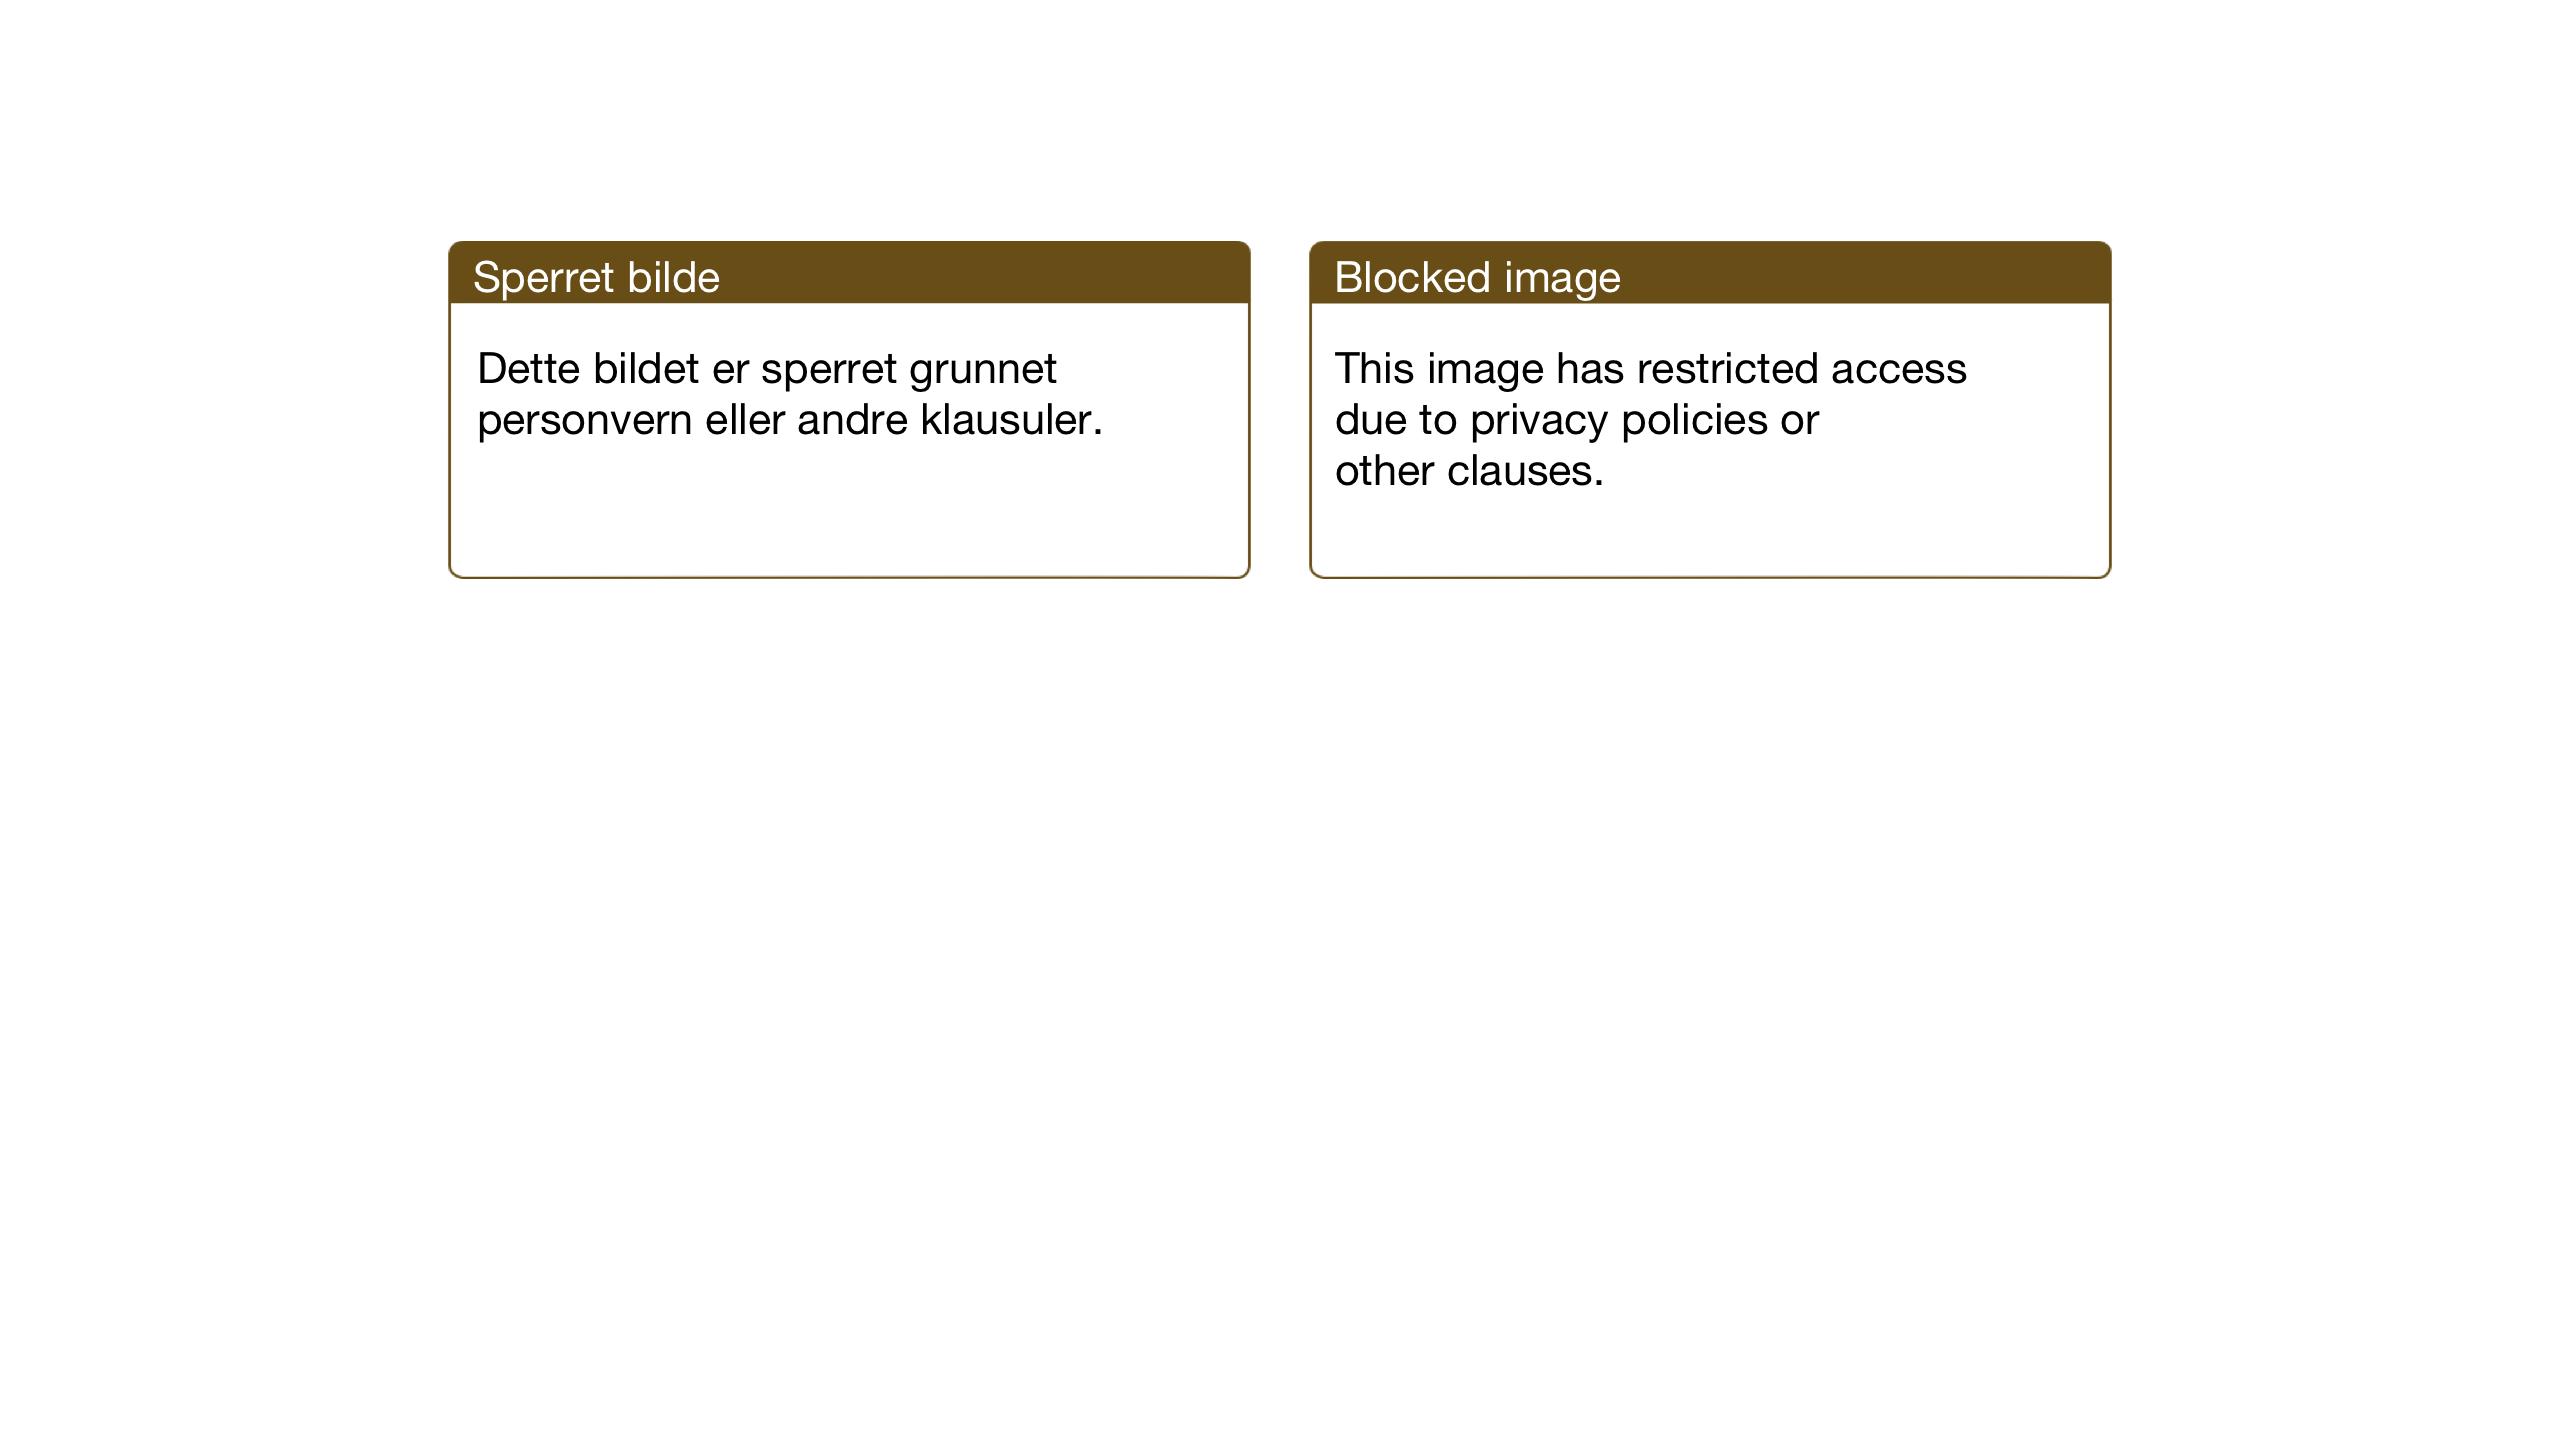 SAT, Ministerialprotokoller, klokkerbøker og fødselsregistre - Sør-Trøndelag, 674/L0877: Klokkerbok nr. 674C04, 1913-1940, s. 94